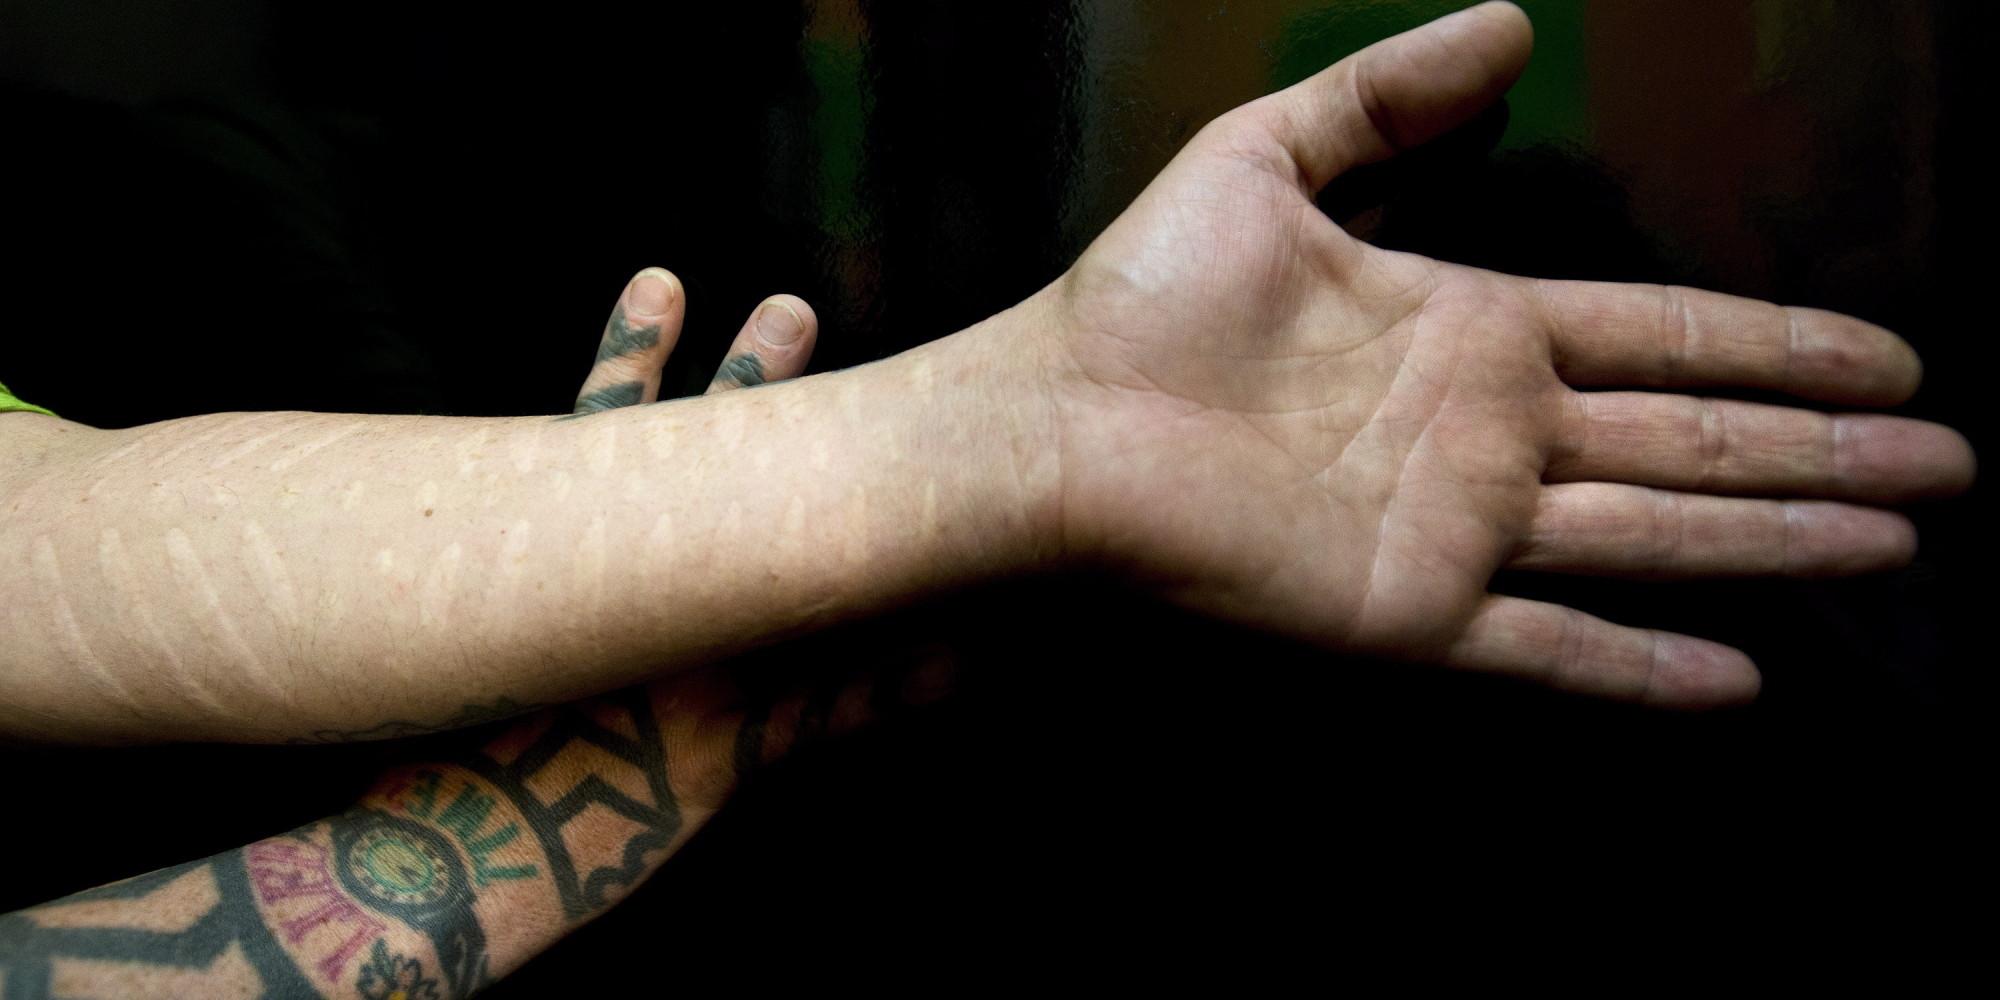 scarification les cicatrices plut t que le tatouage ou le per age. Black Bedroom Furniture Sets. Home Design Ideas